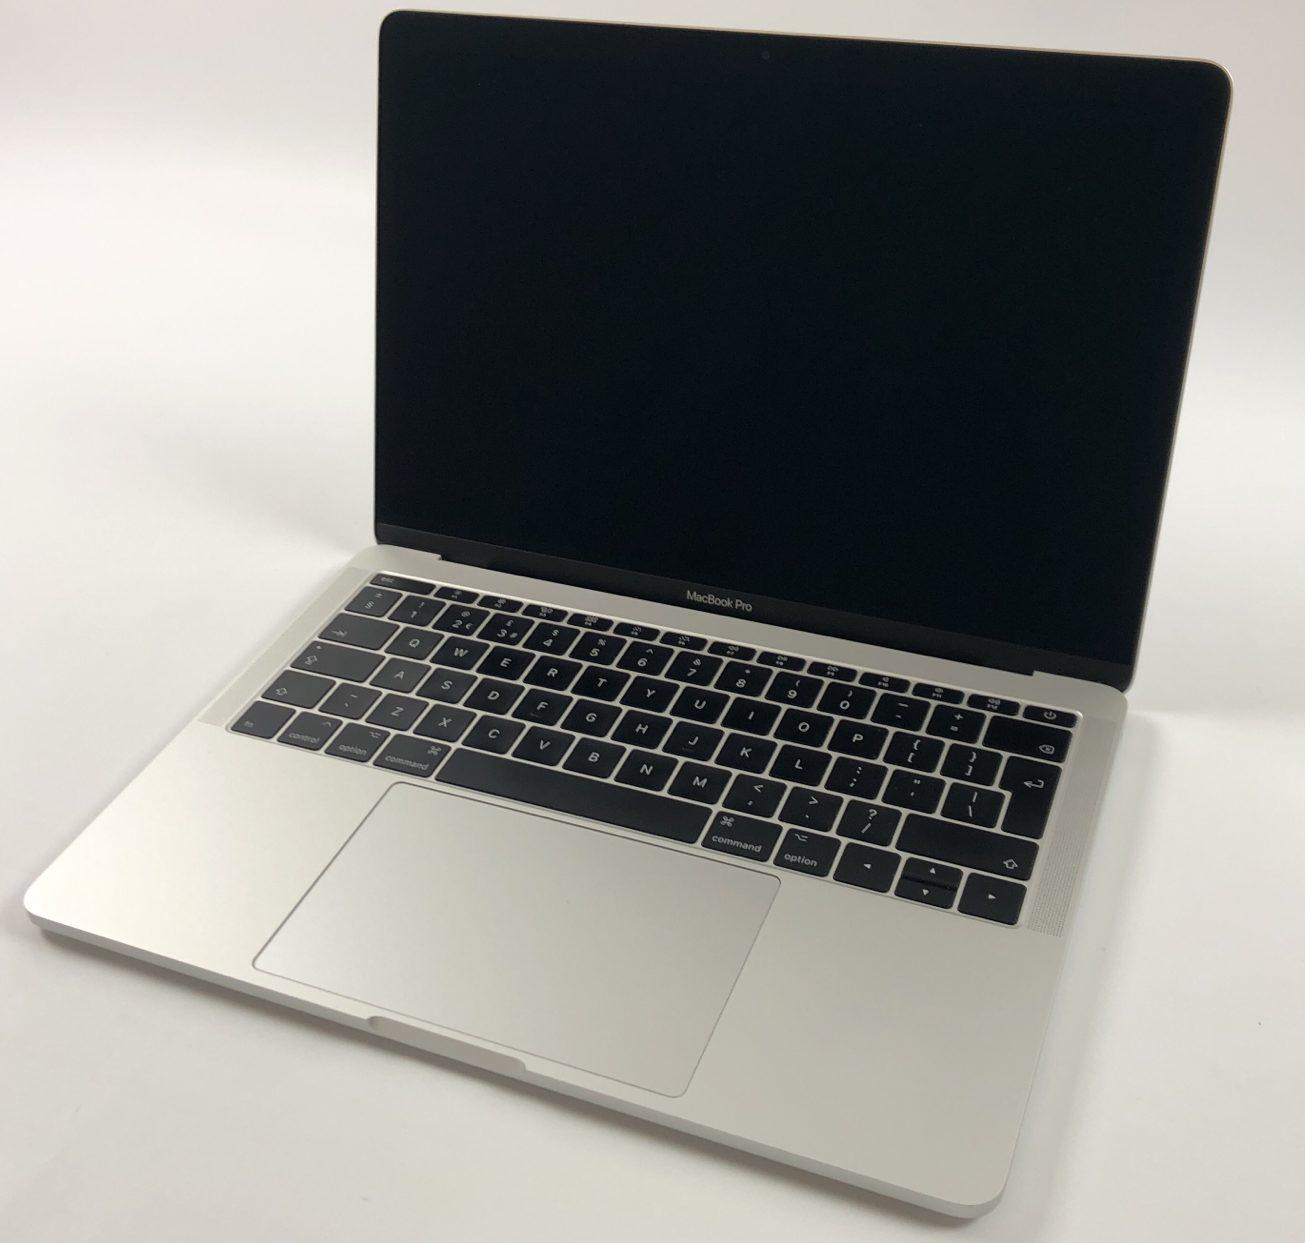 """MacBook Pro 13"""" 2TBT Mid 2017 (Intel Core i7 2.5 GHz 16 GB RAM 512 GB SSD), Silver, Intel Core i7 2.5 GHz, 16 GB RAM, 512 GB SSD, image 1"""